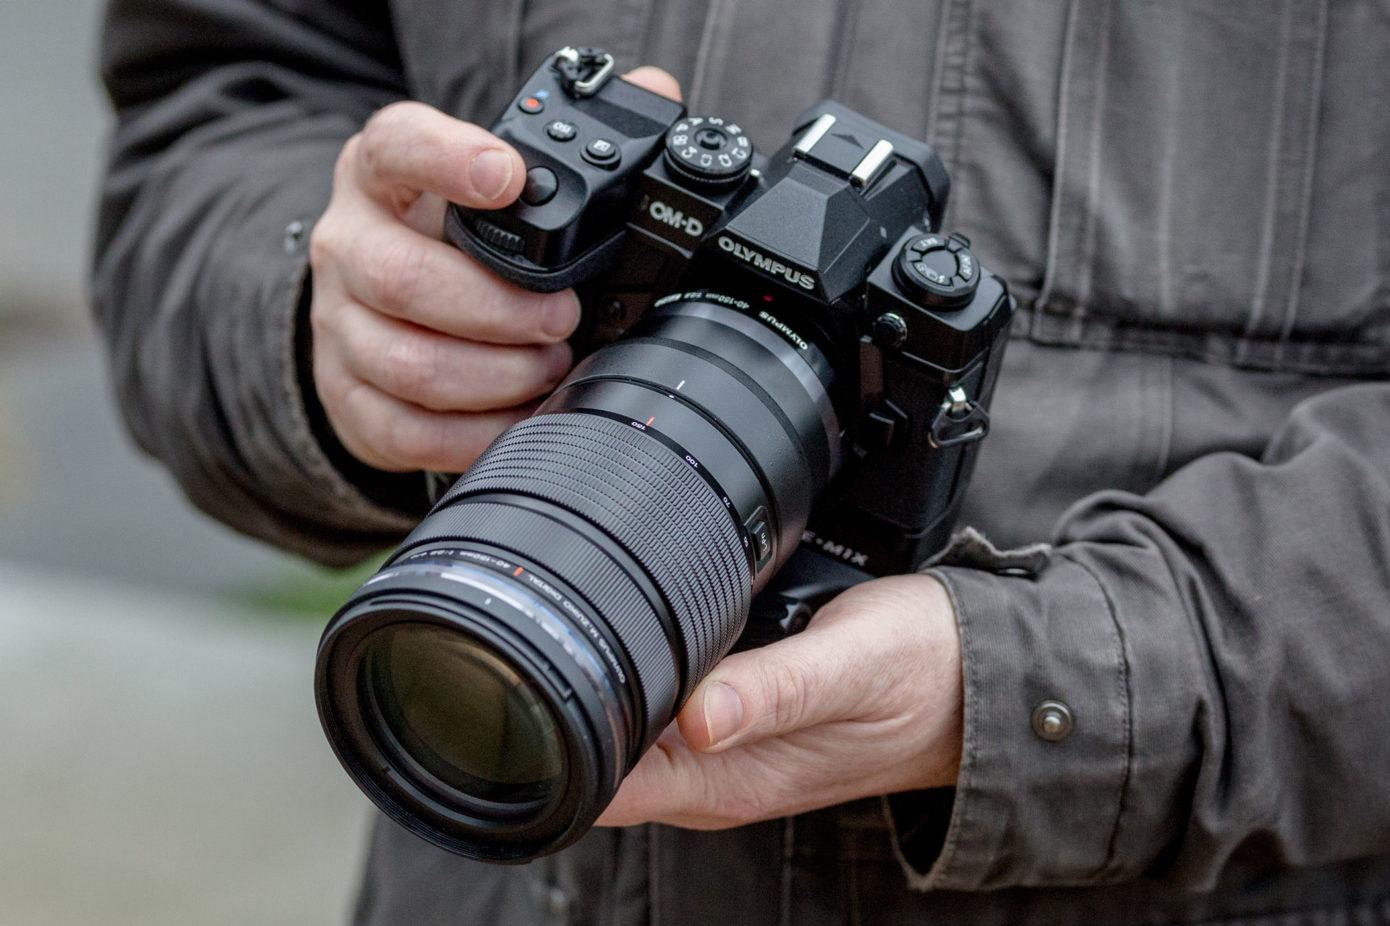 Olympus E-M1X vs Olympus E-M1 II, Fuji X-T3, Nikon D500, Panasonic